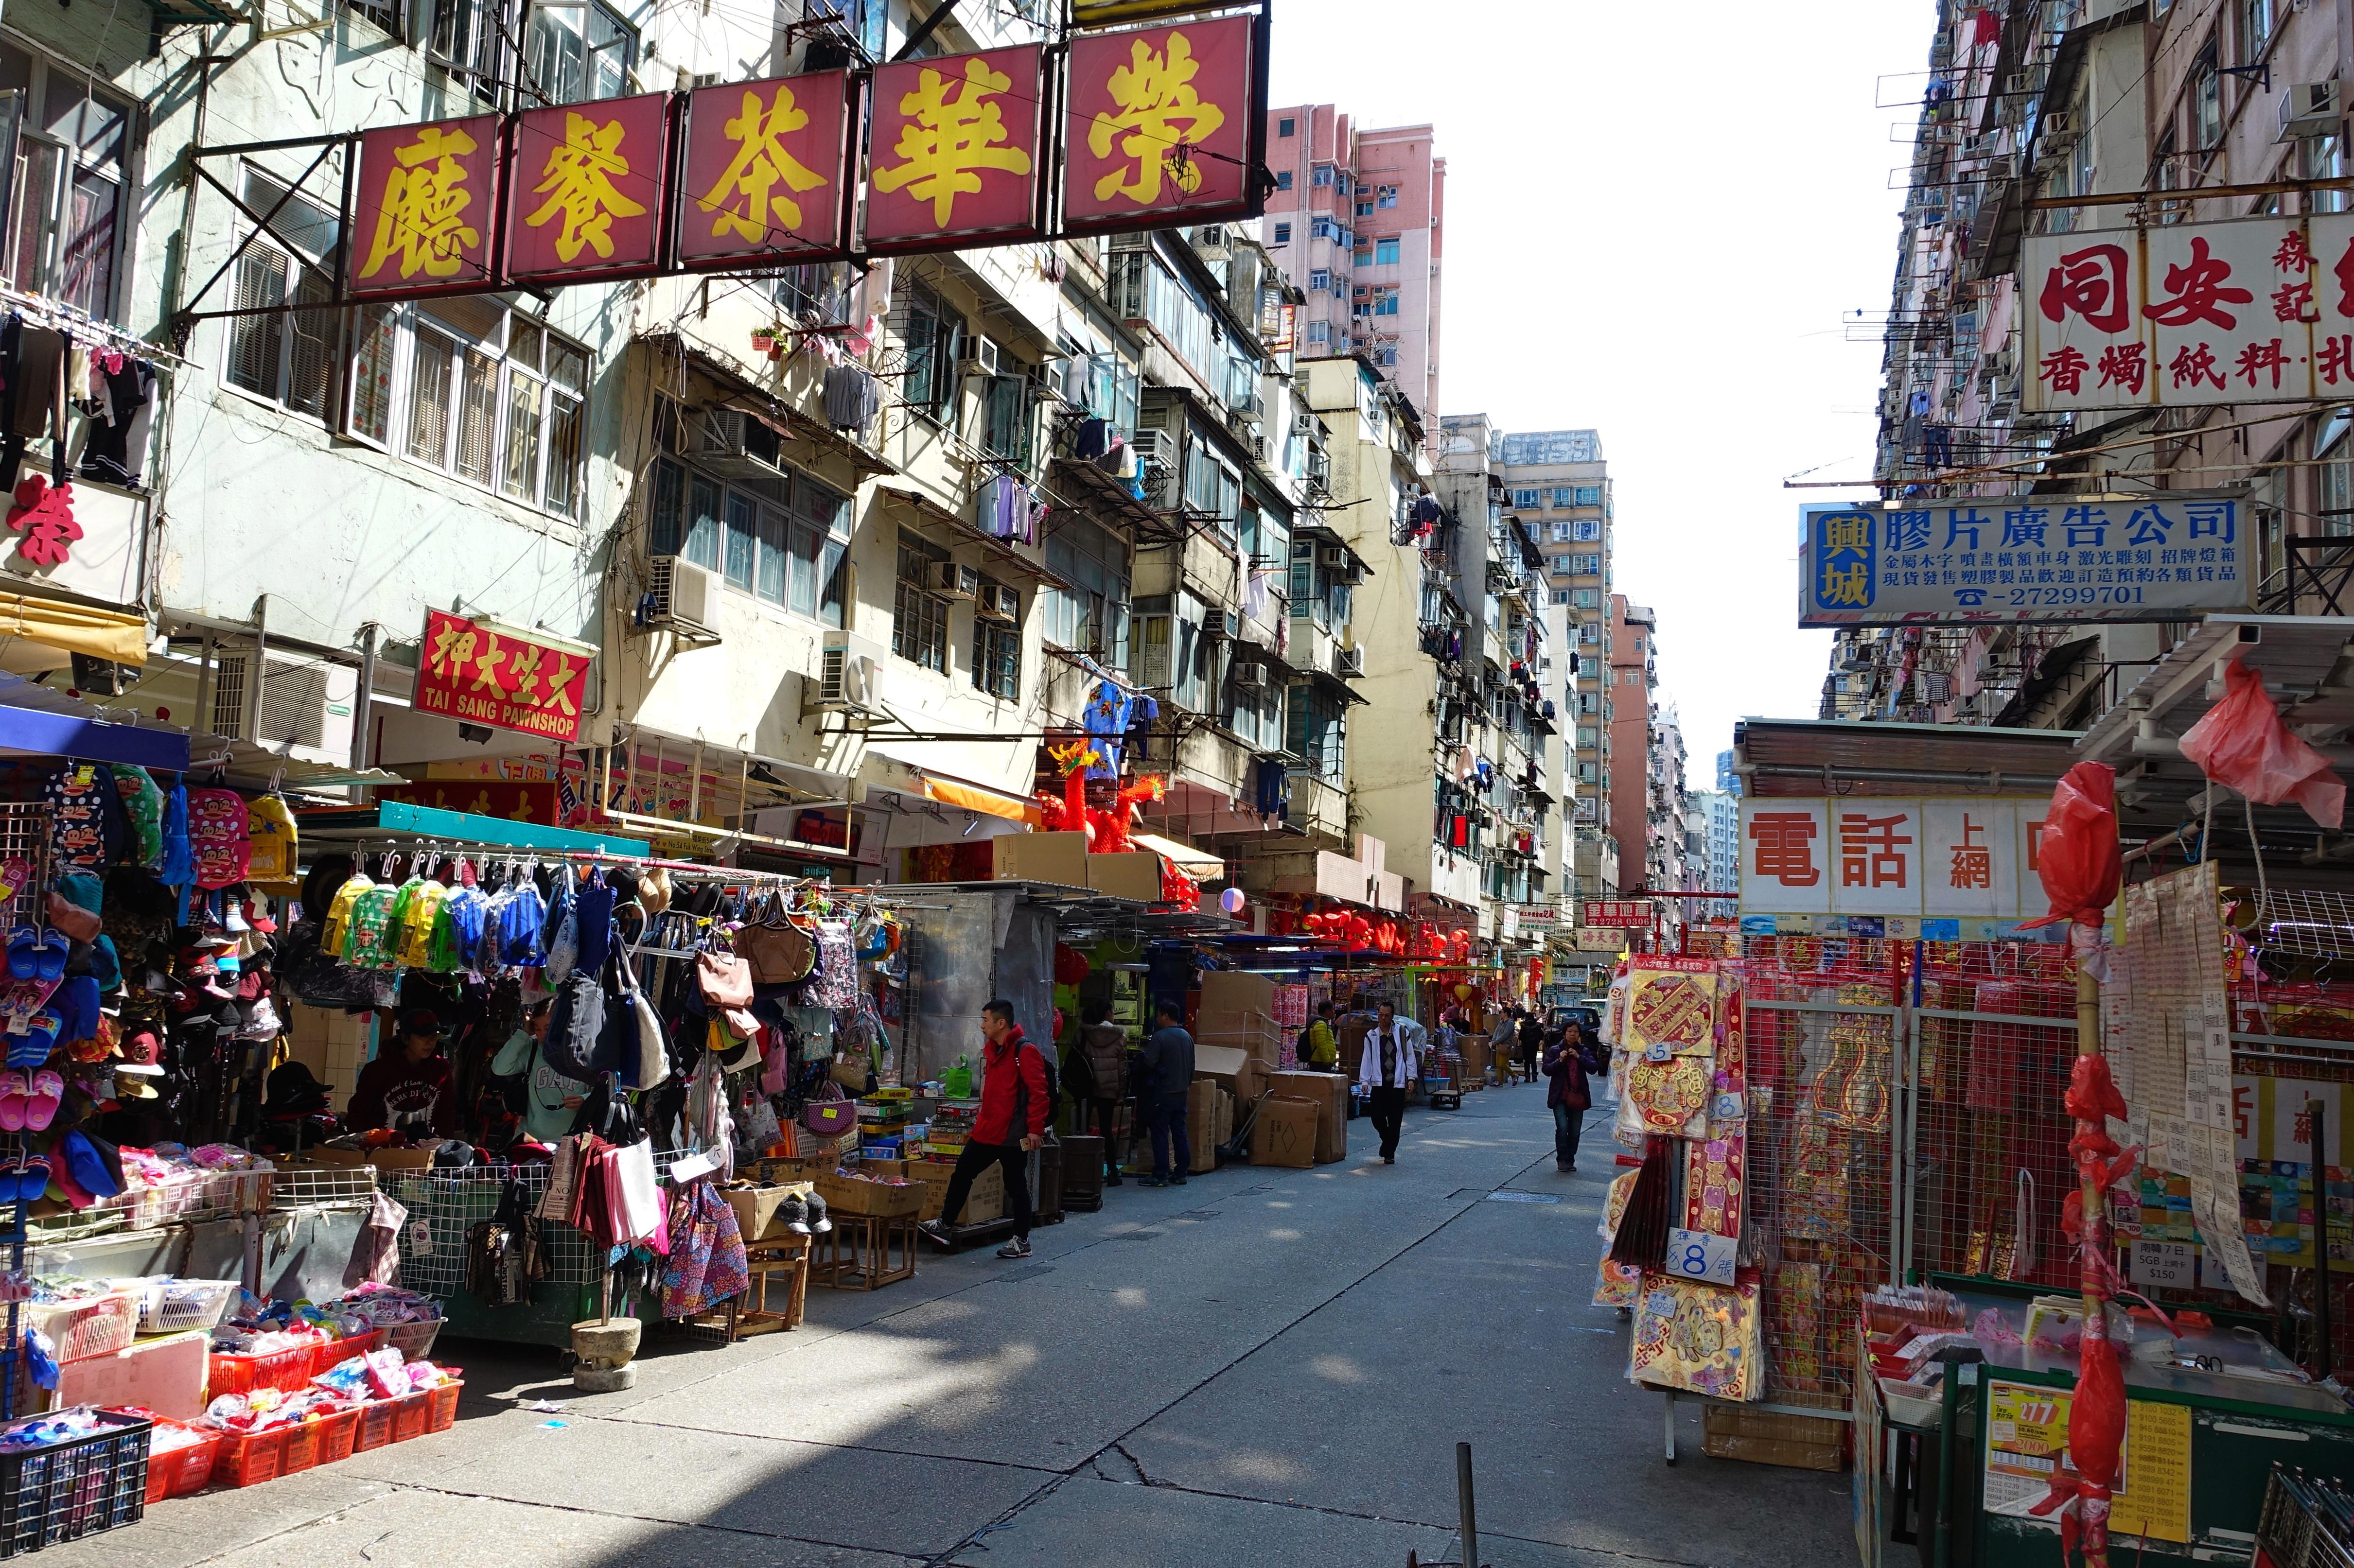 Hong Kong Street High-Res Stock Photo - Getty Images |Hong Kong Street